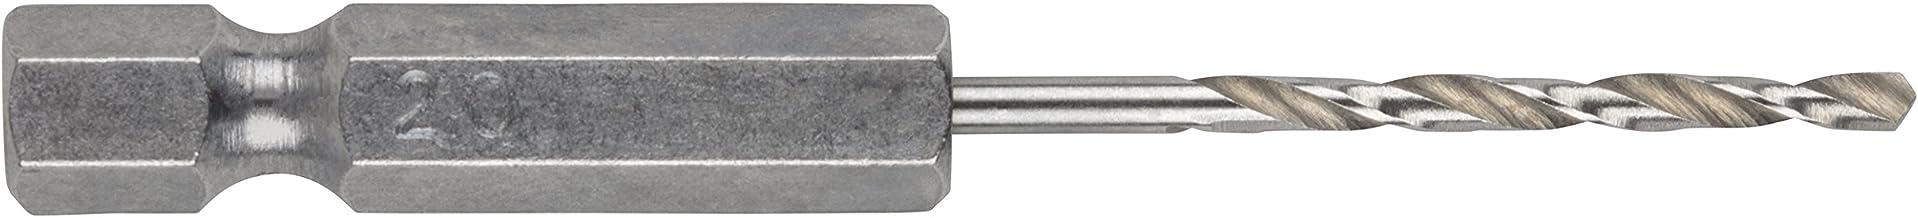 Metaalboor HSS G ø2,0x62mm grijs